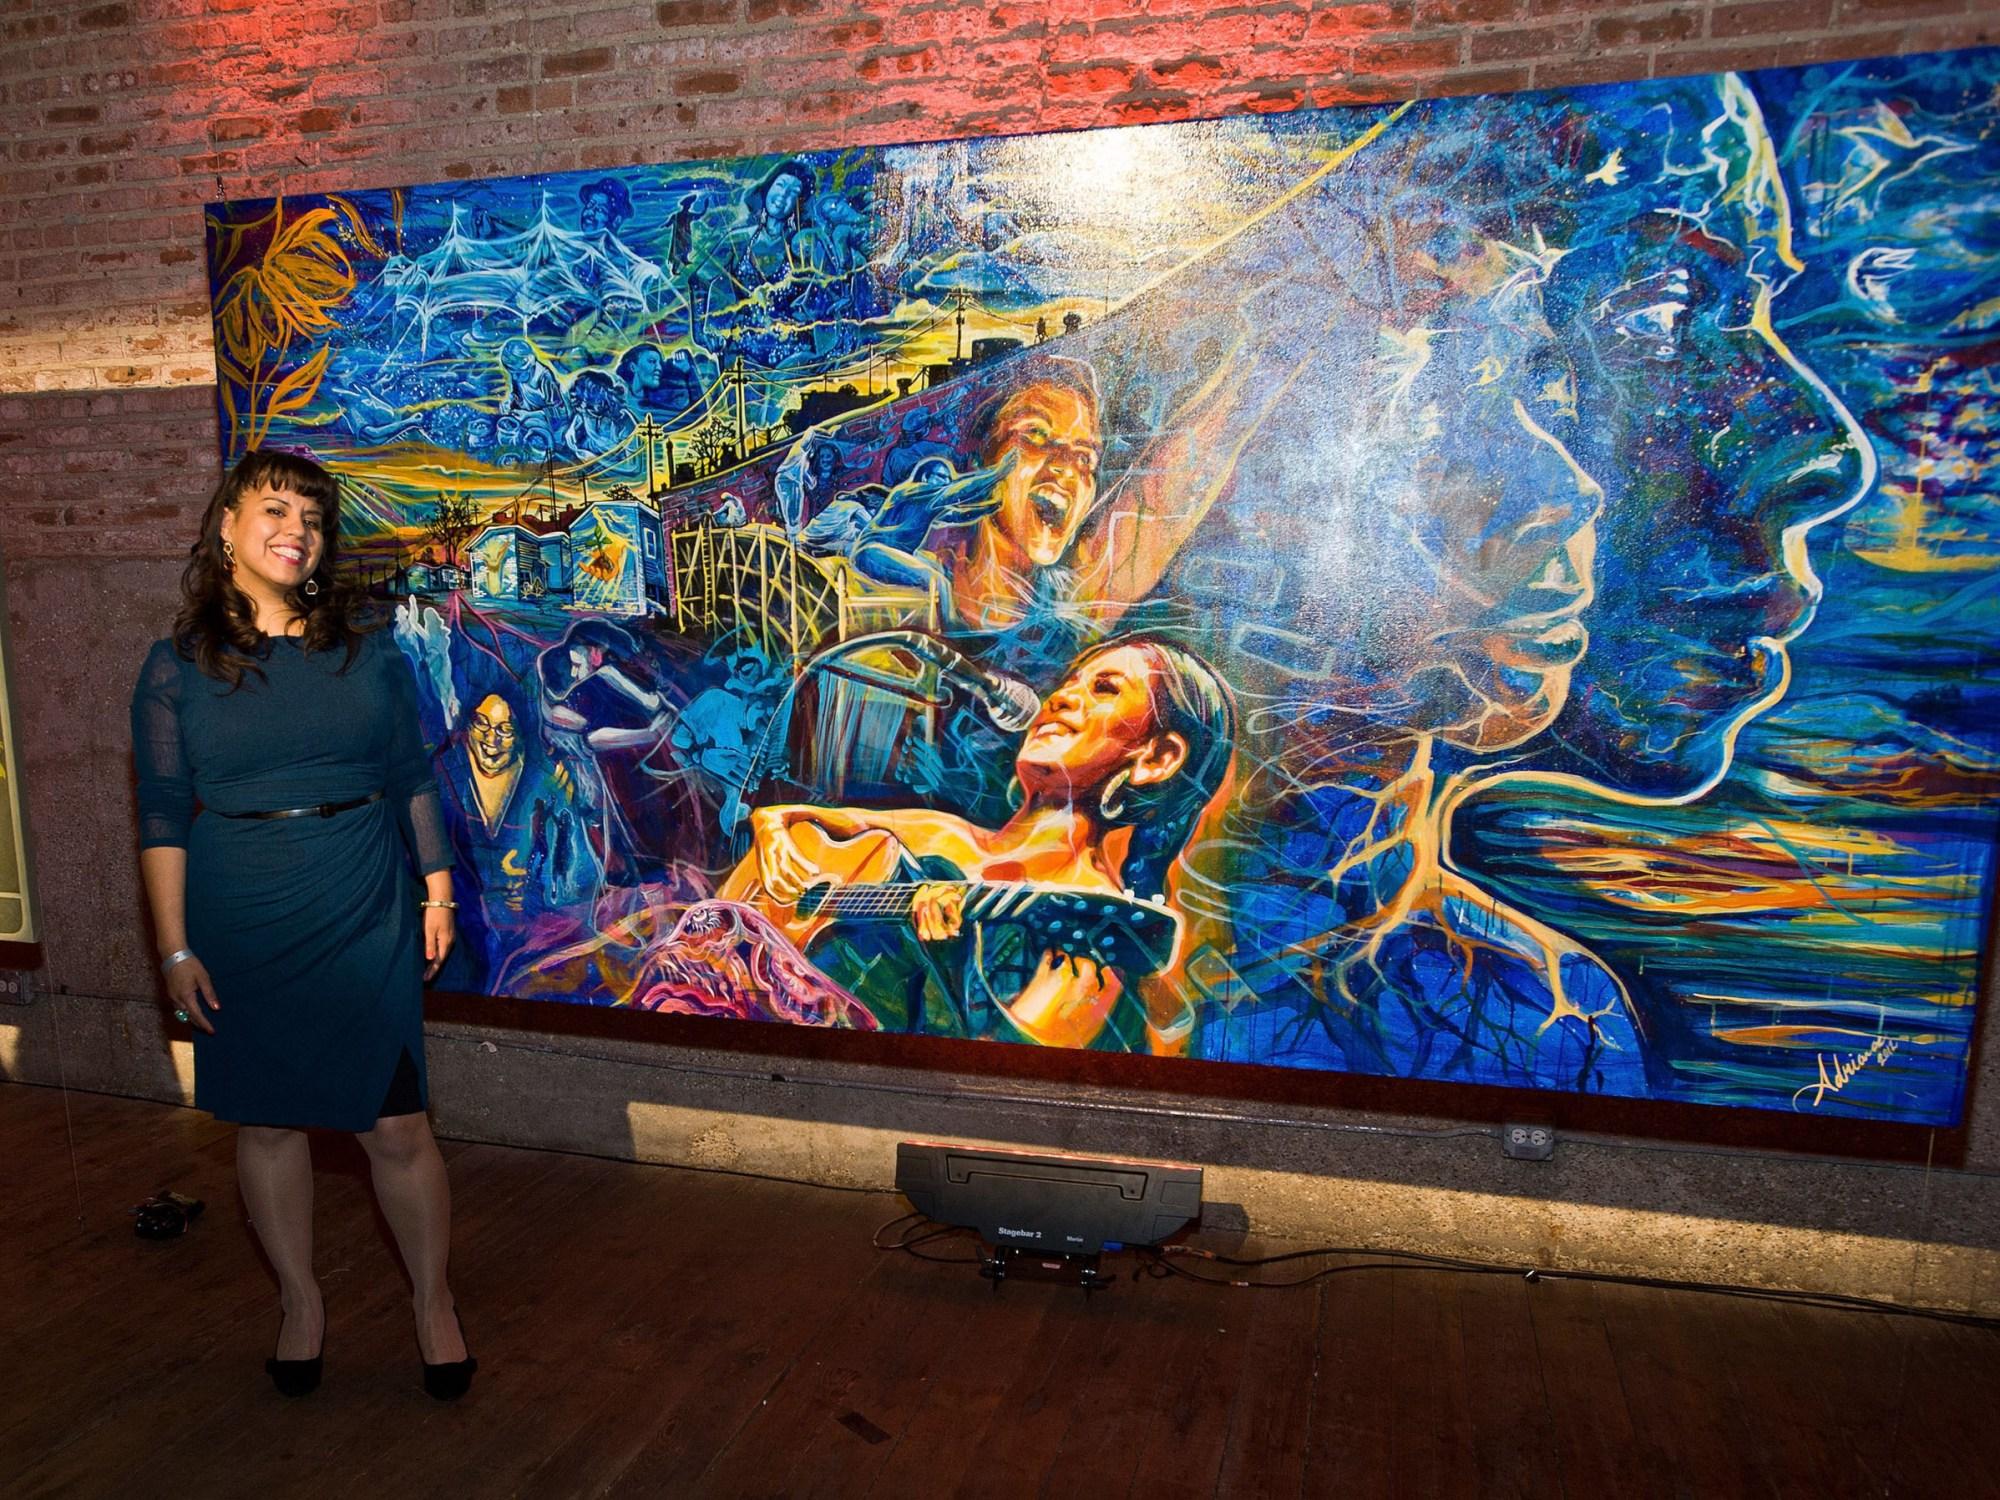 Adriana González y el Centro Cultural Aztlán reciben $15,000 respectivamente por parte de la reconocida marca de tequila Jose Cuervo. (PRNewsFoto/Jose Cuervo Tradicional)